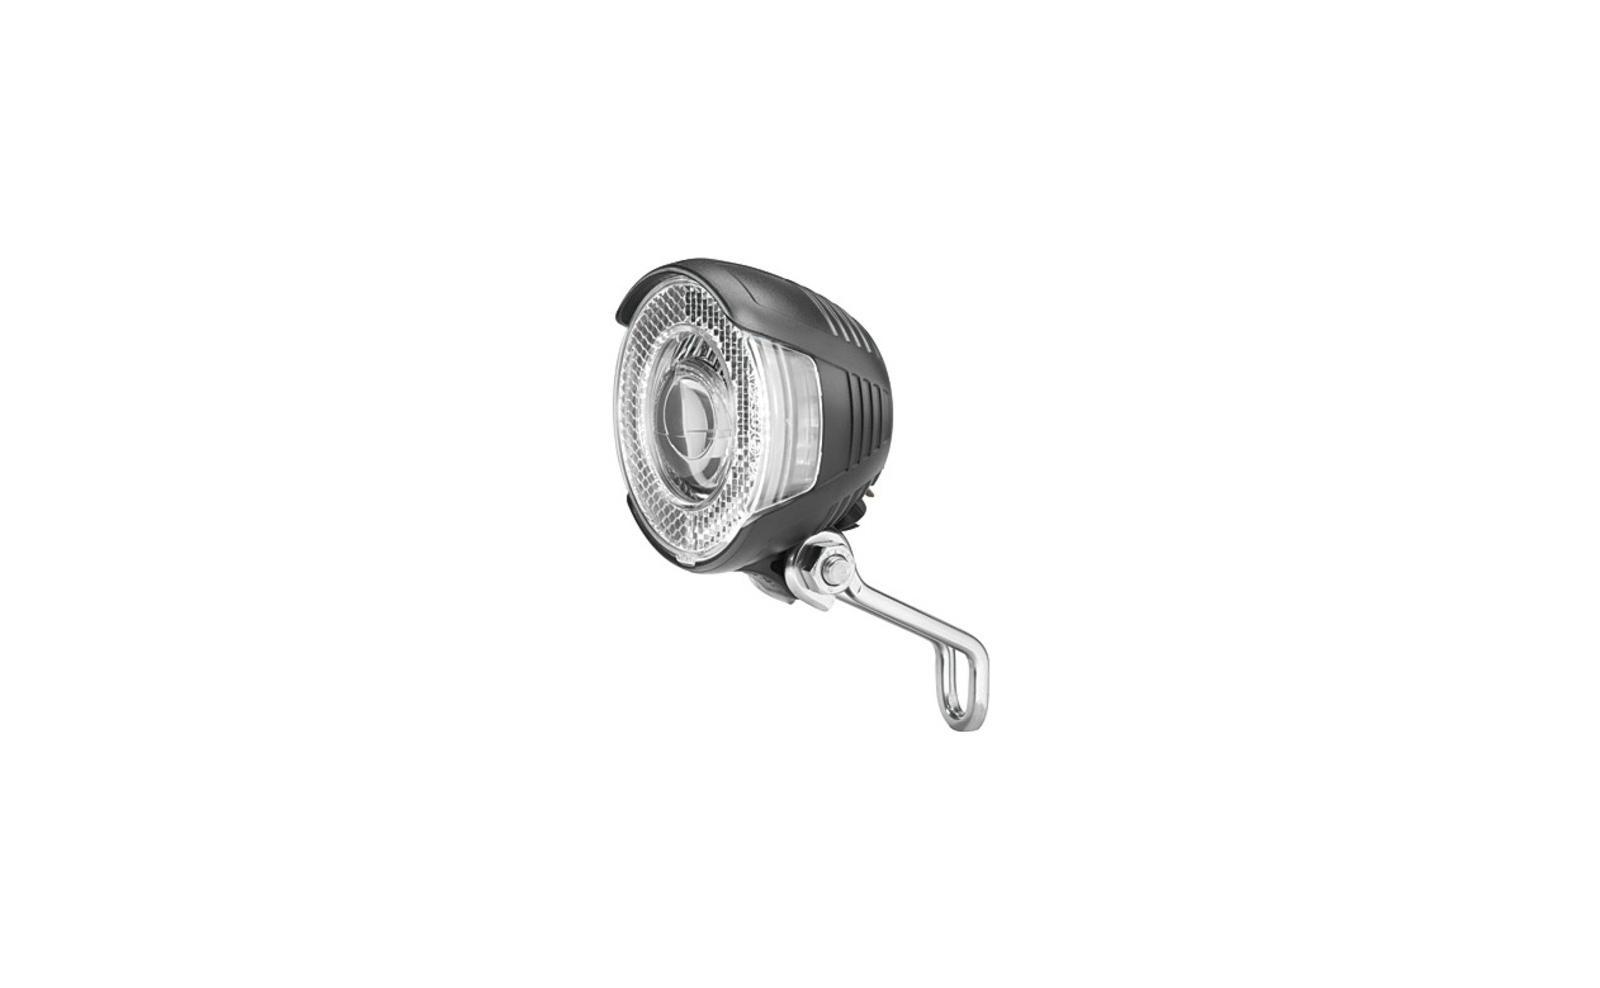 busch m ller licht vorne led scheinwerfer lyt n fahrradbeleuchtung licht vorn. Black Bedroom Furniture Sets. Home Design Ideas